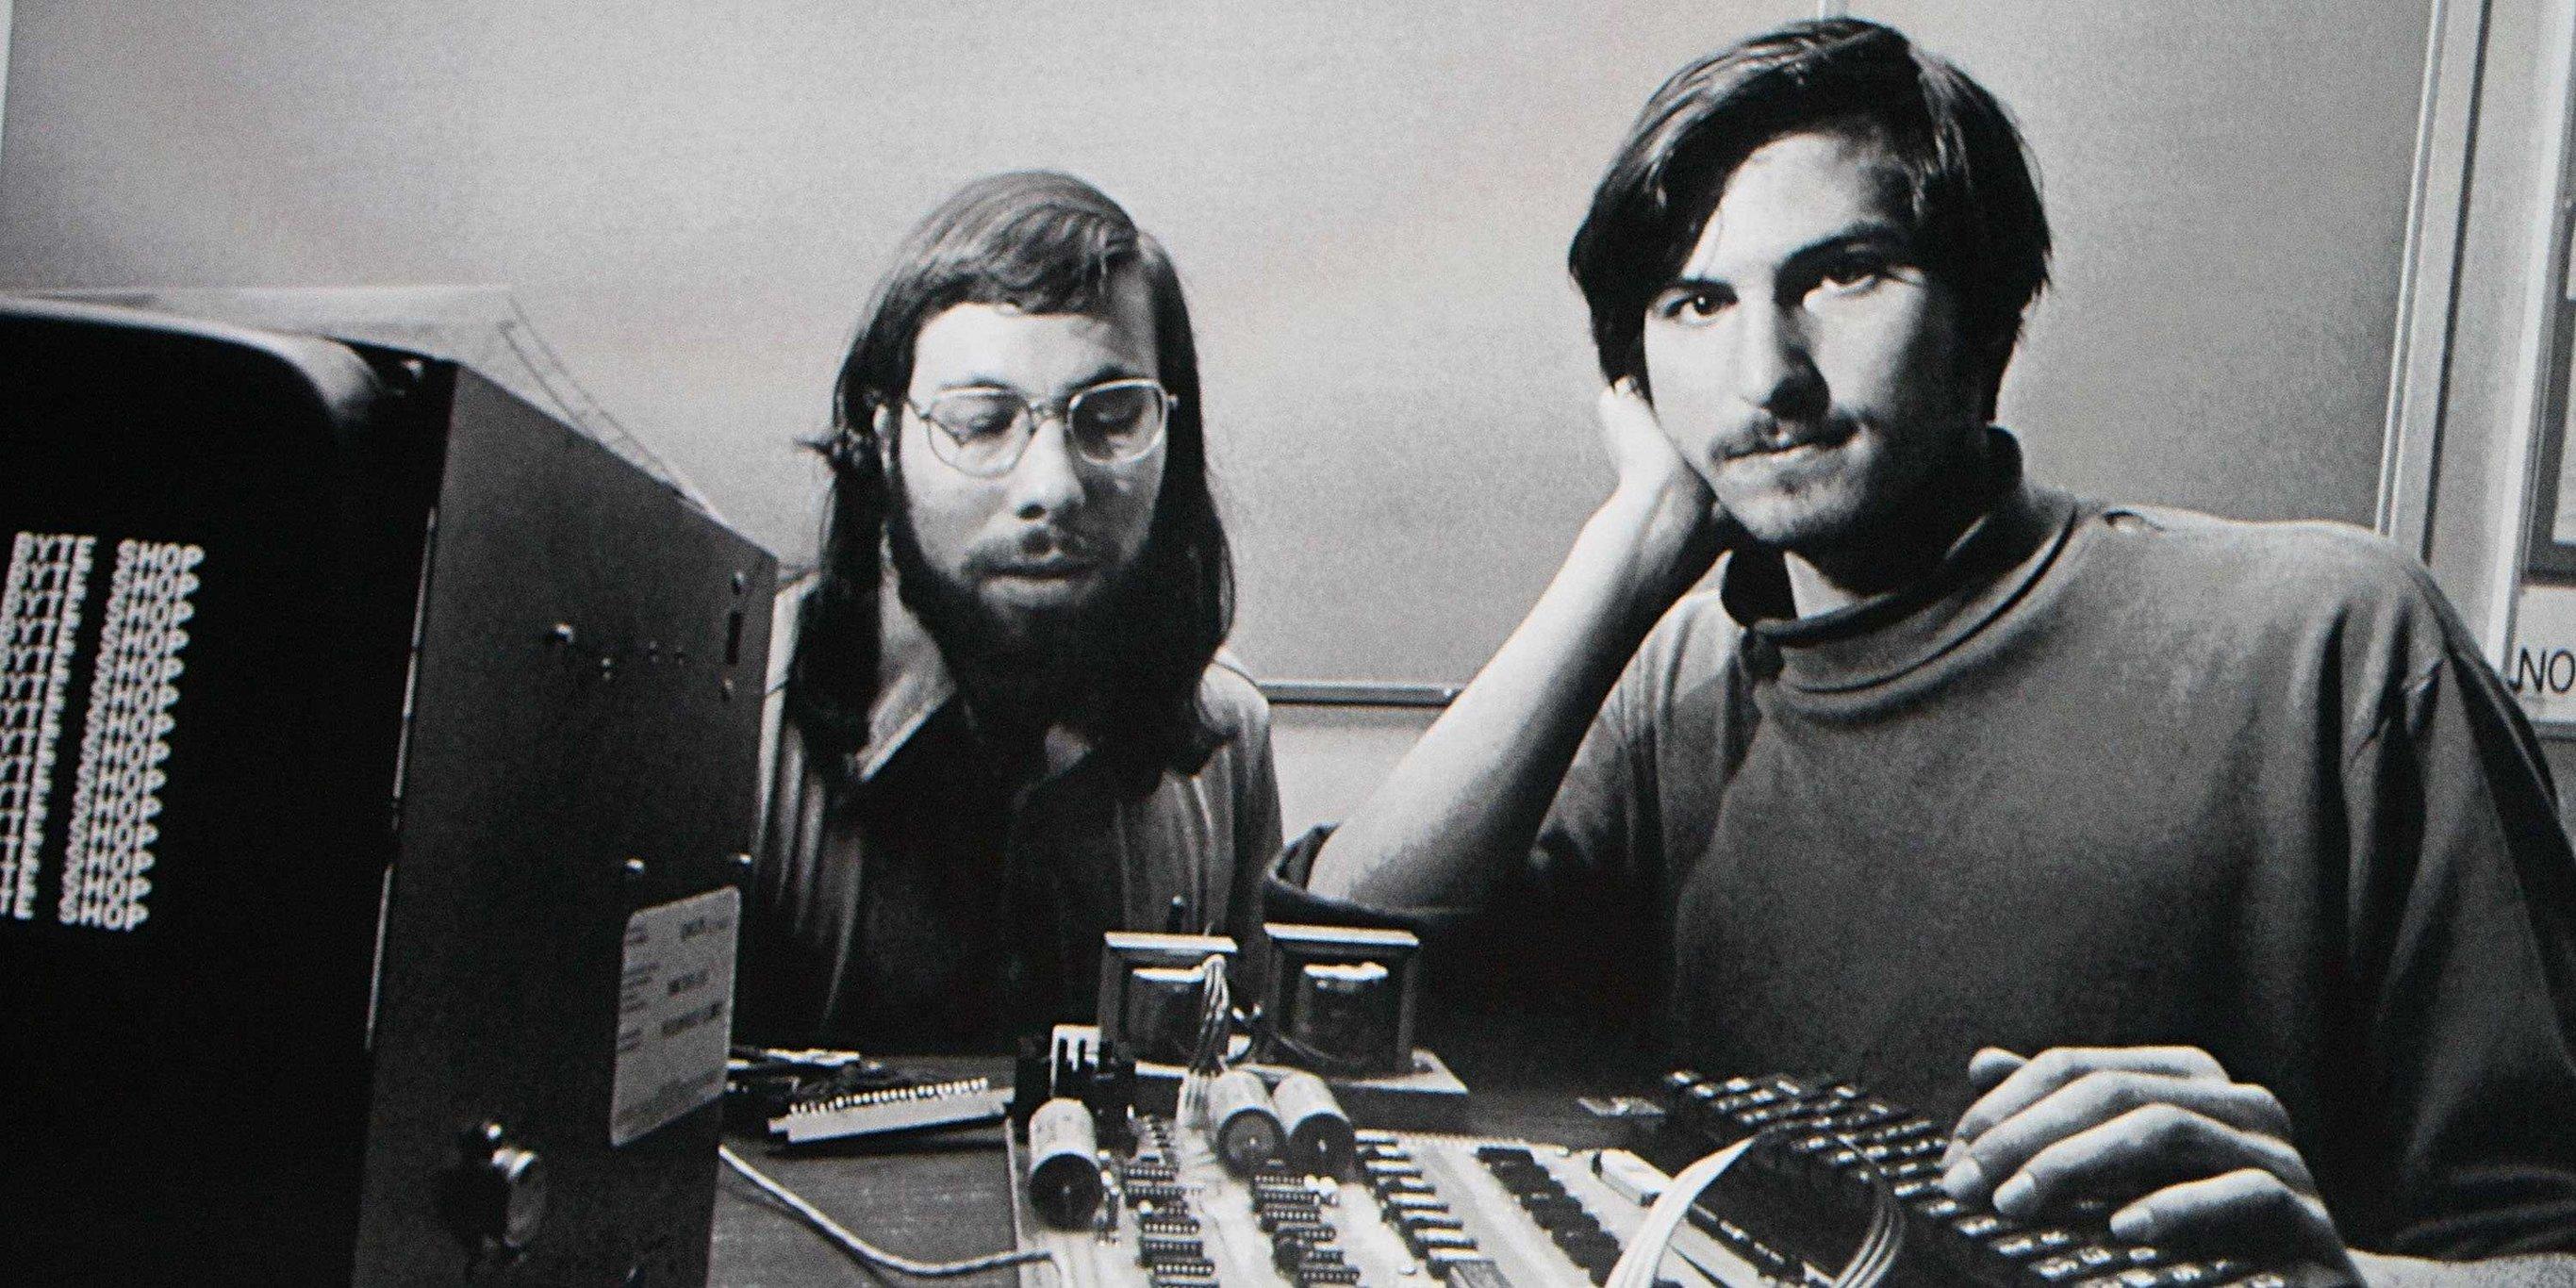 سمت راست استیو جابز و سمت چپ استیو وزنیاک